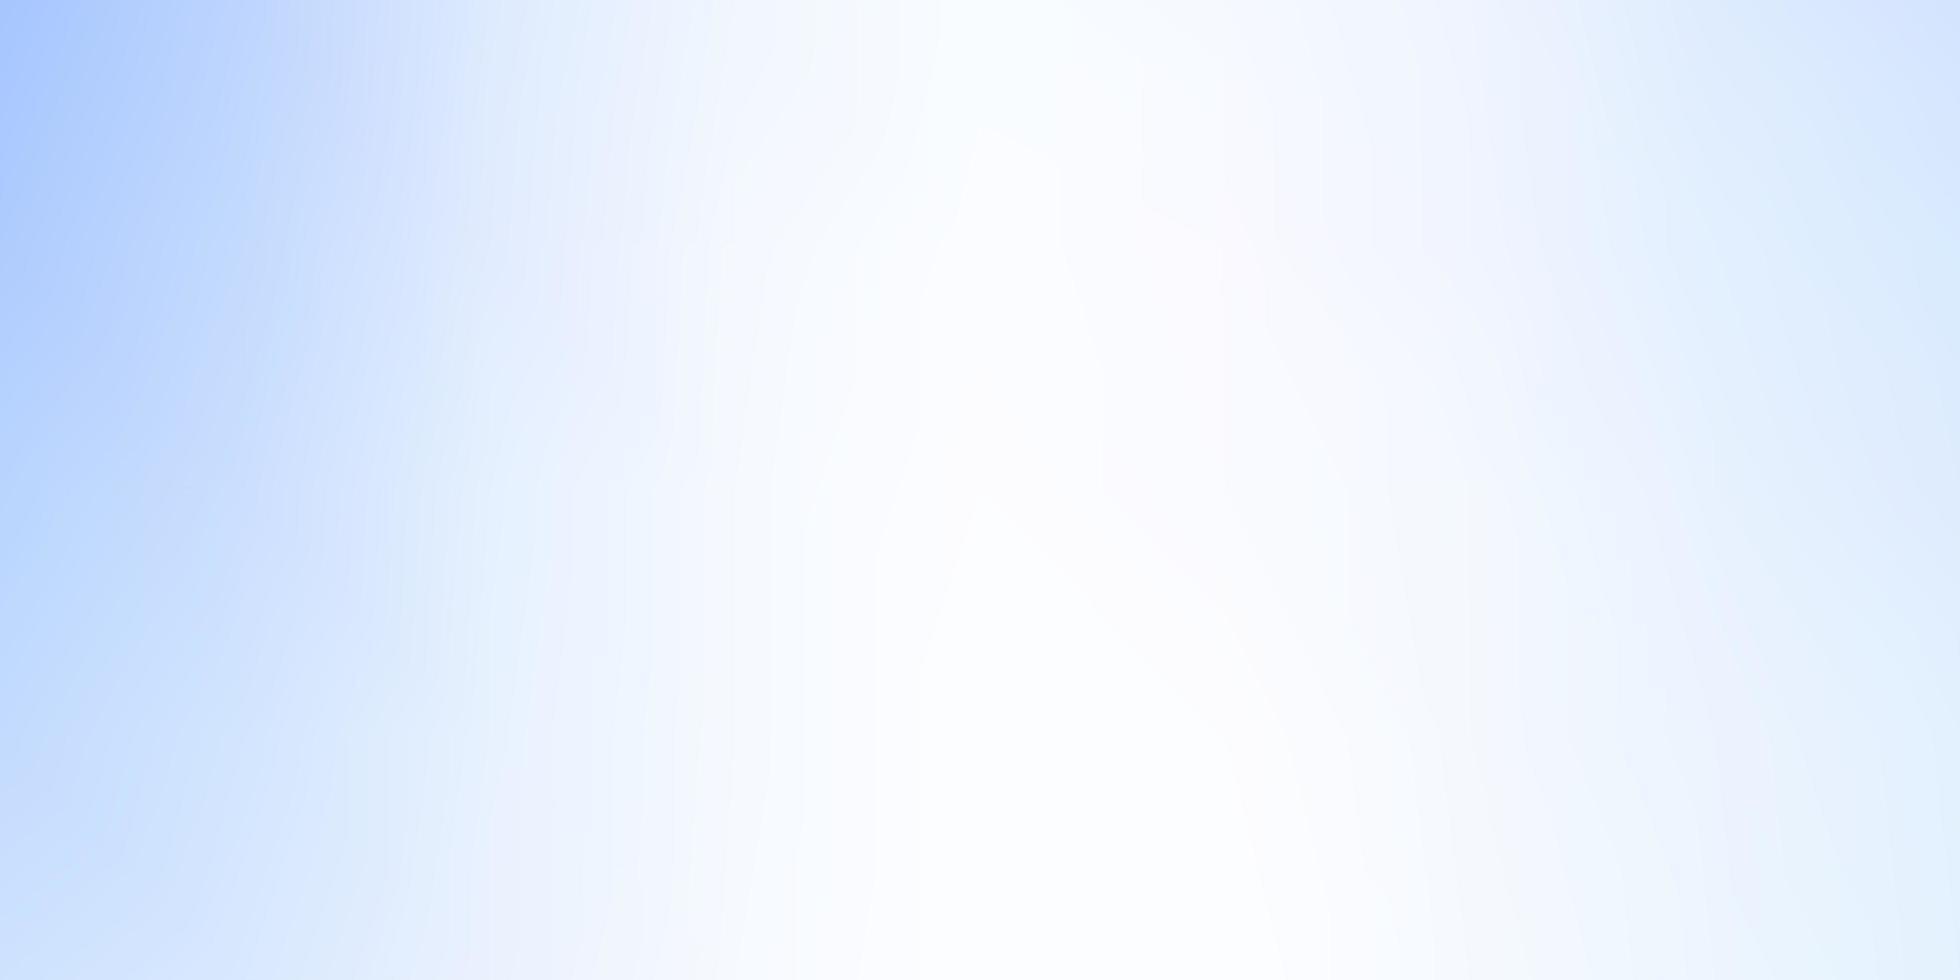 fond coloré flou bleu clair. vecteur